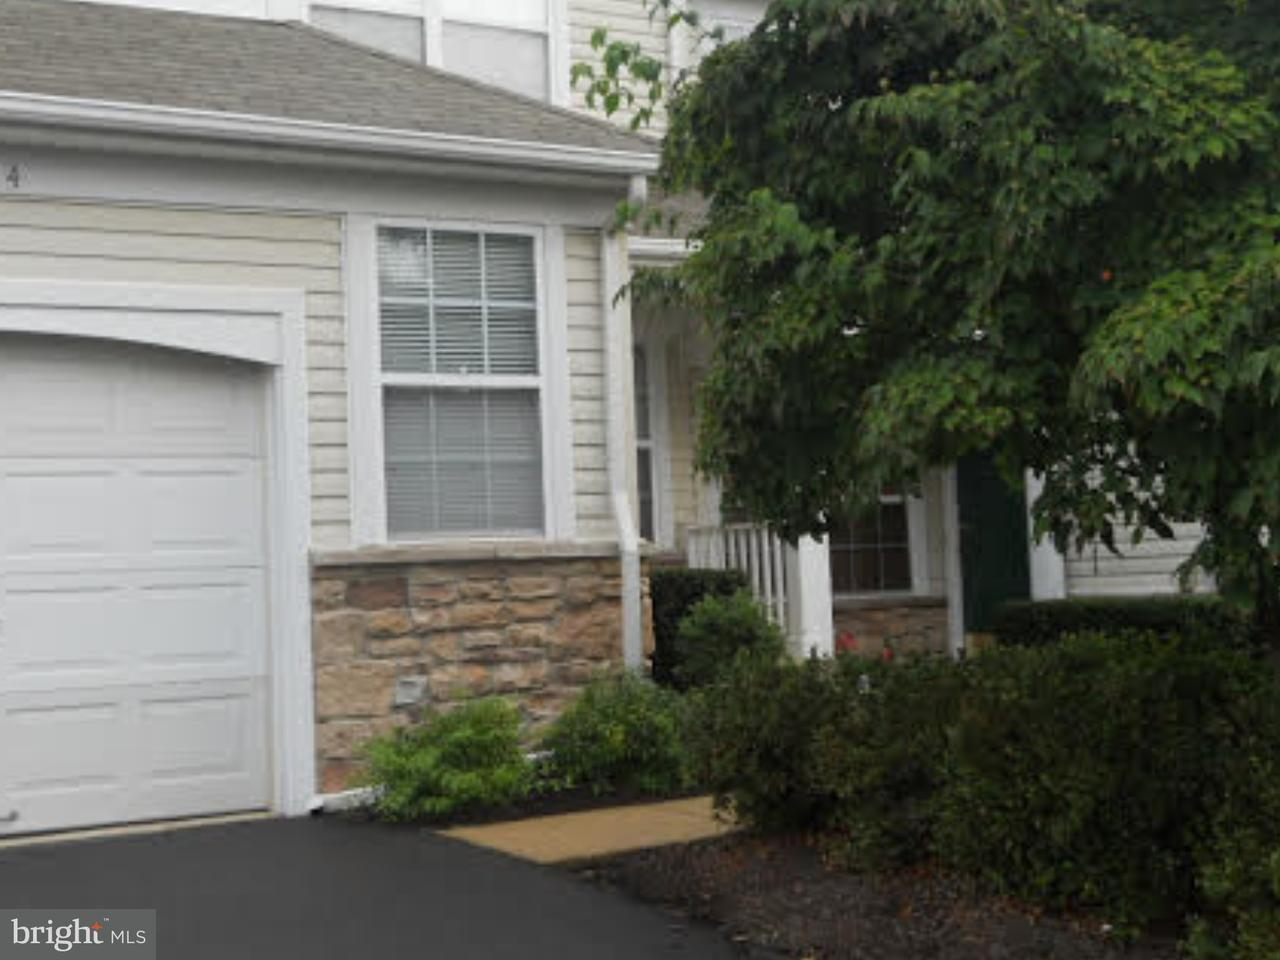 共管式独立产权公寓 为 出租 在 614 WEYMOUTH CT #45 新希望镇, 宾夕法尼亚州 18938 美国在/周边: Solebury Township